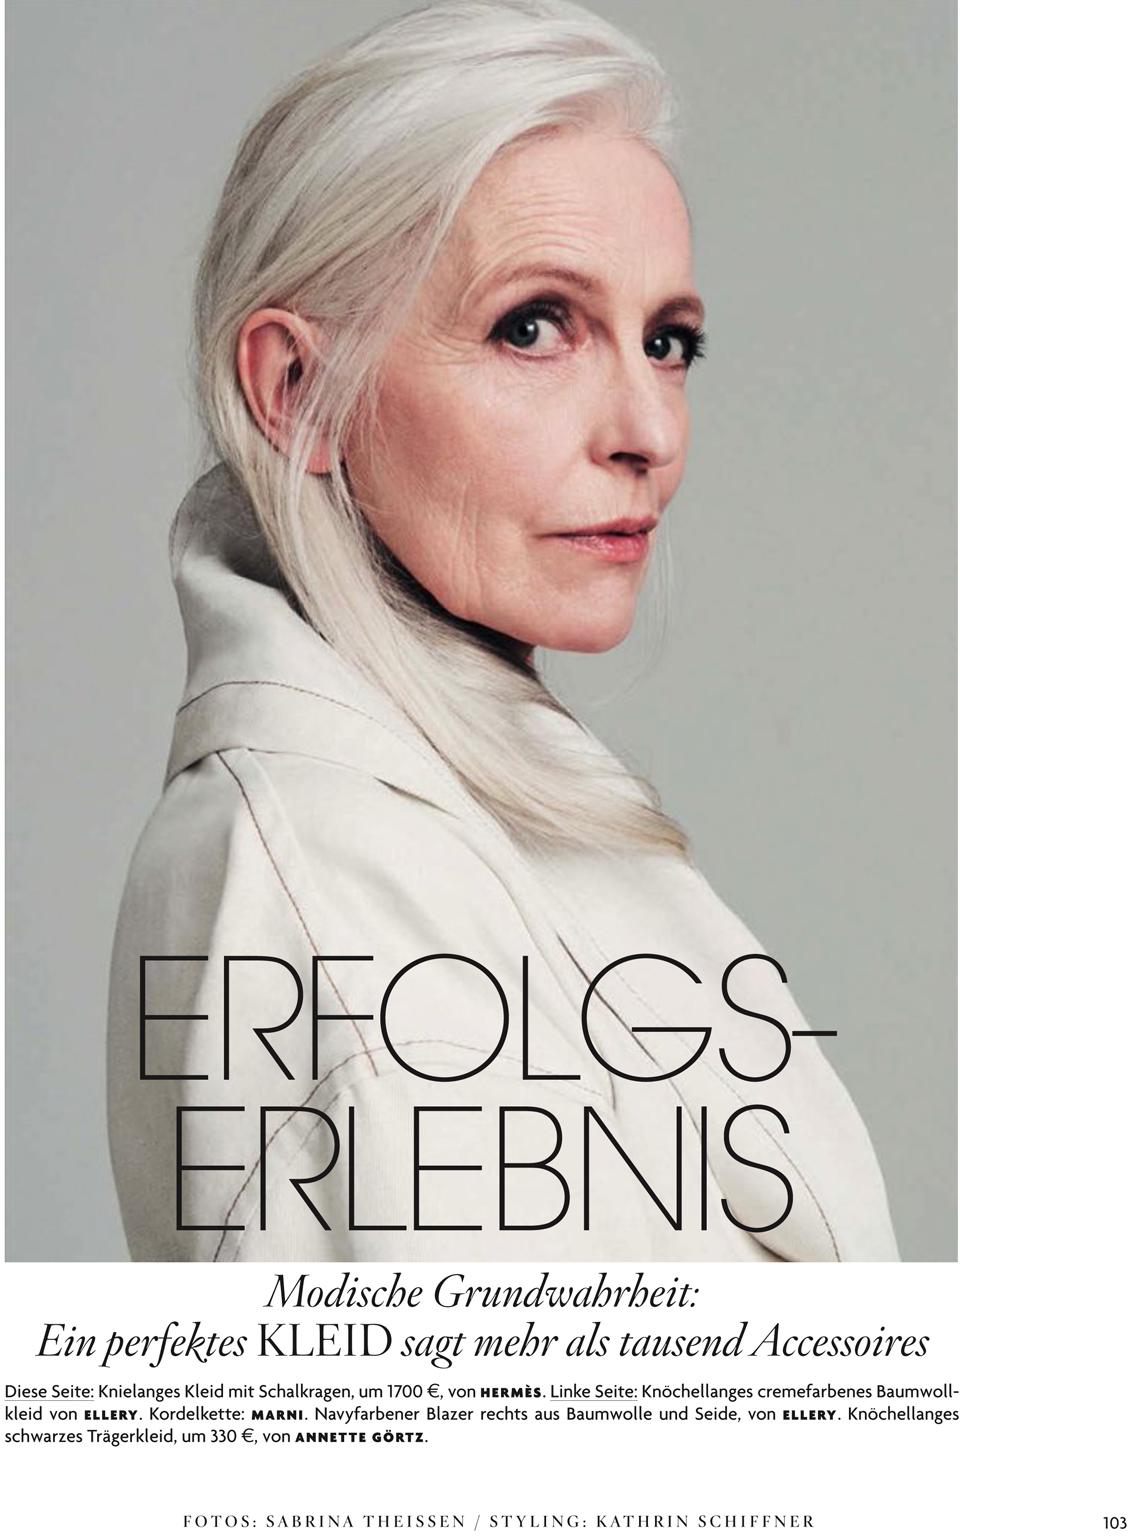 Editorial from Vogue Germany featuring model Anna Von Rueben Droginska. Photog-raphers: Sabrina Theissen, Raphael Elicha